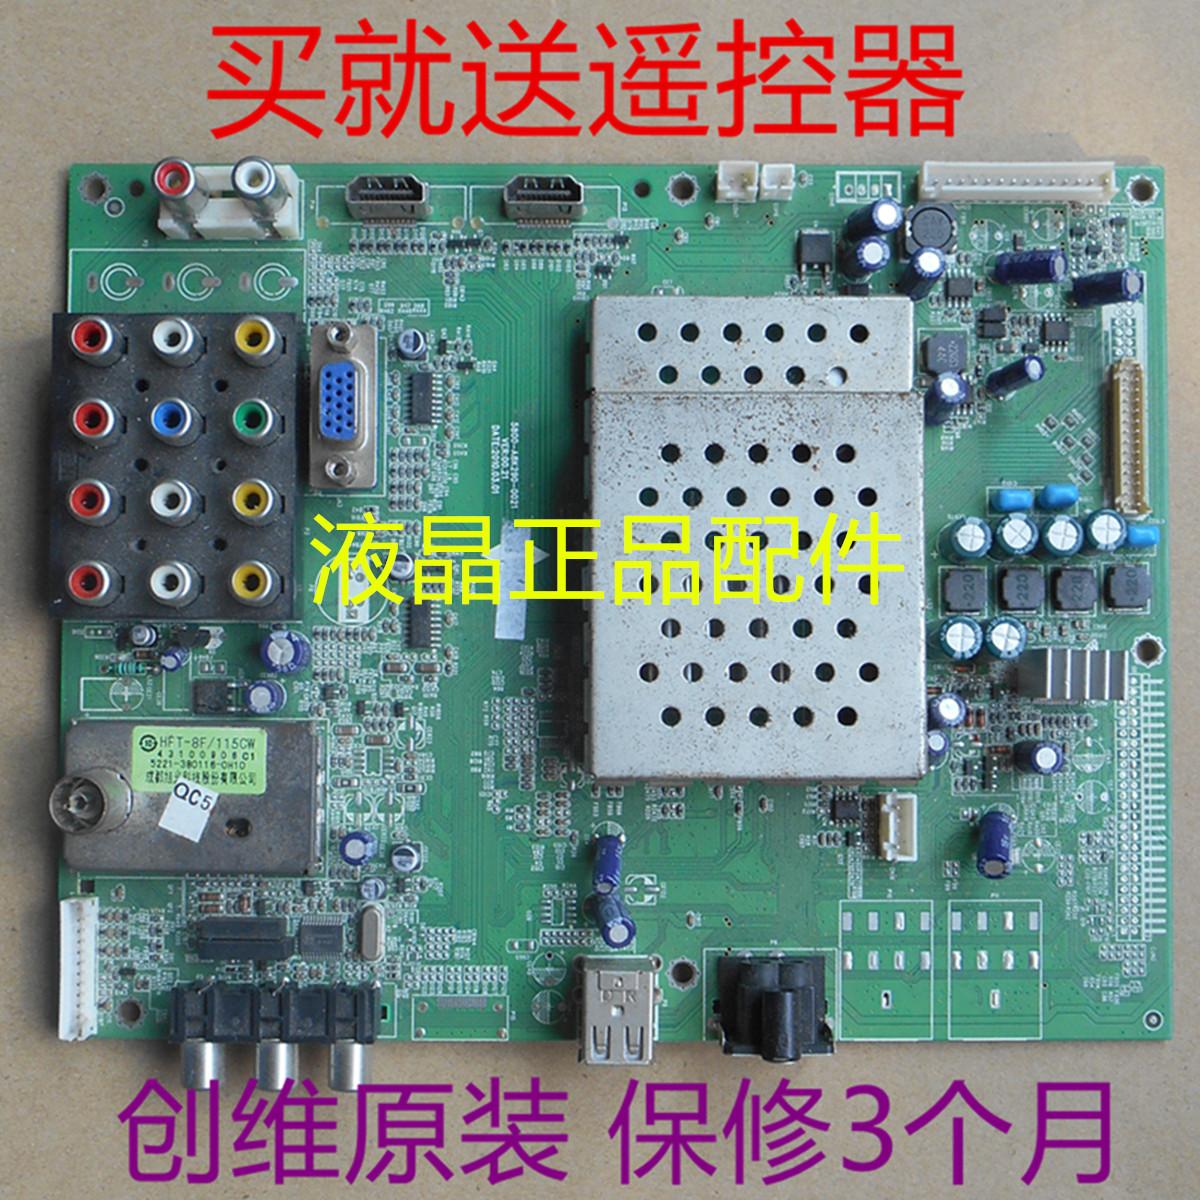 [创维5800-A8K290-1000/0021/0010/1010主] панель 37/32L05HR 37/32K05HR